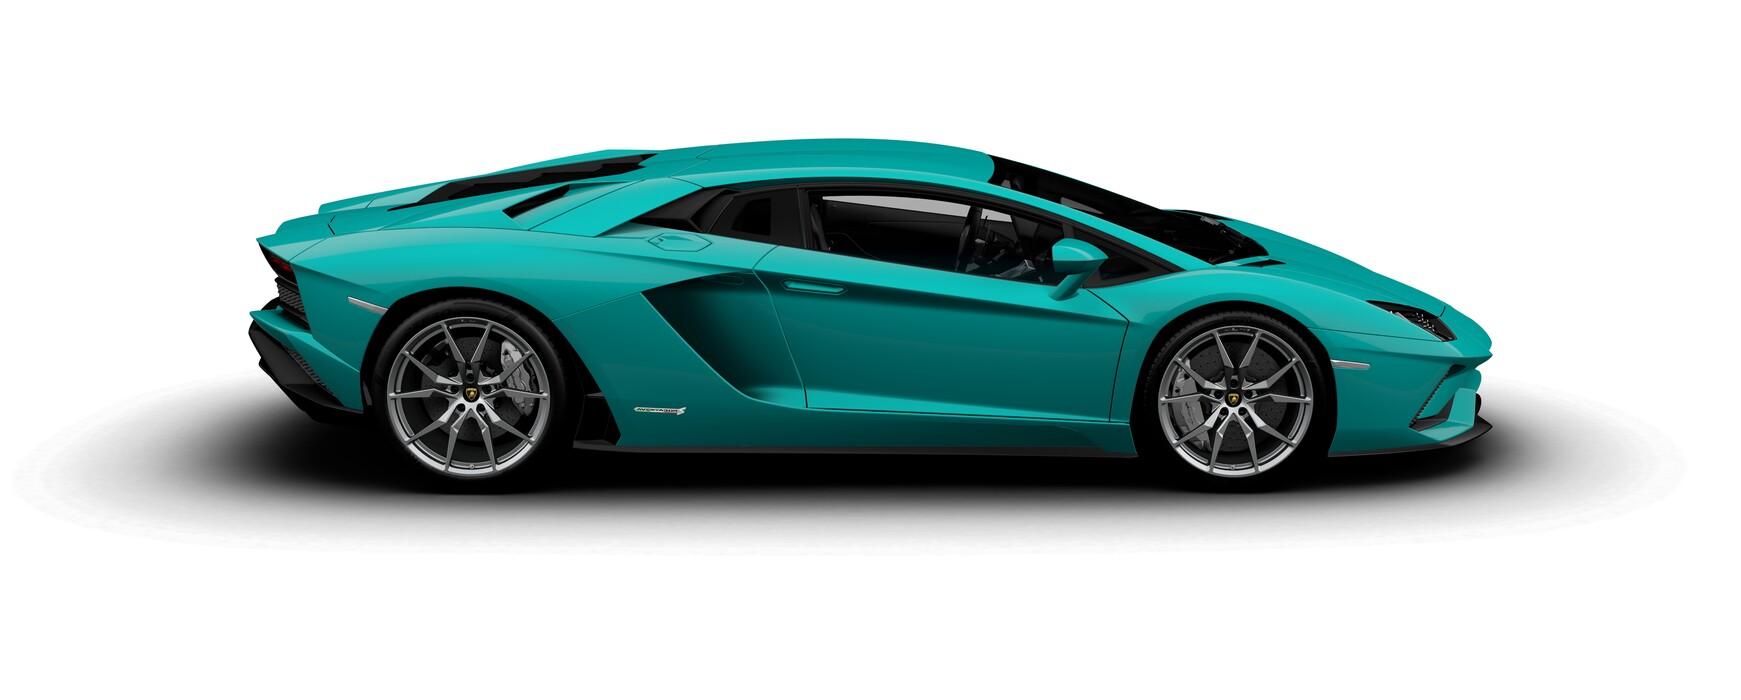 Lamborghini Aventador S Color Options